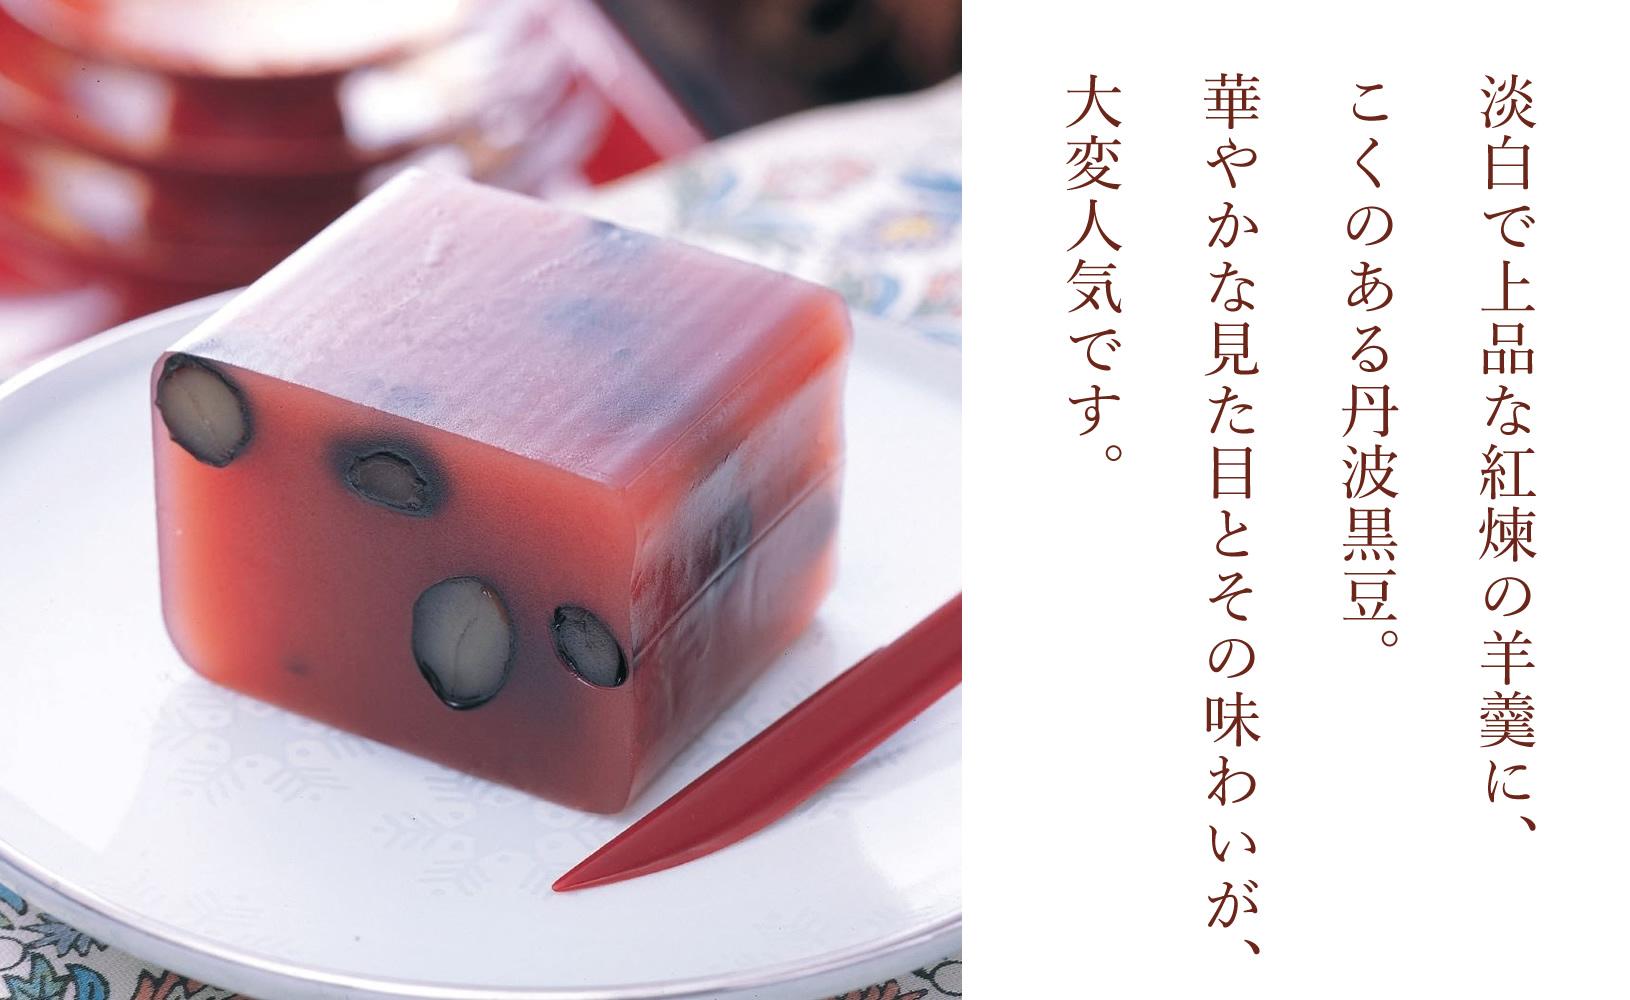 【十二月】黒豆羊羹・極上黒豆羊羹